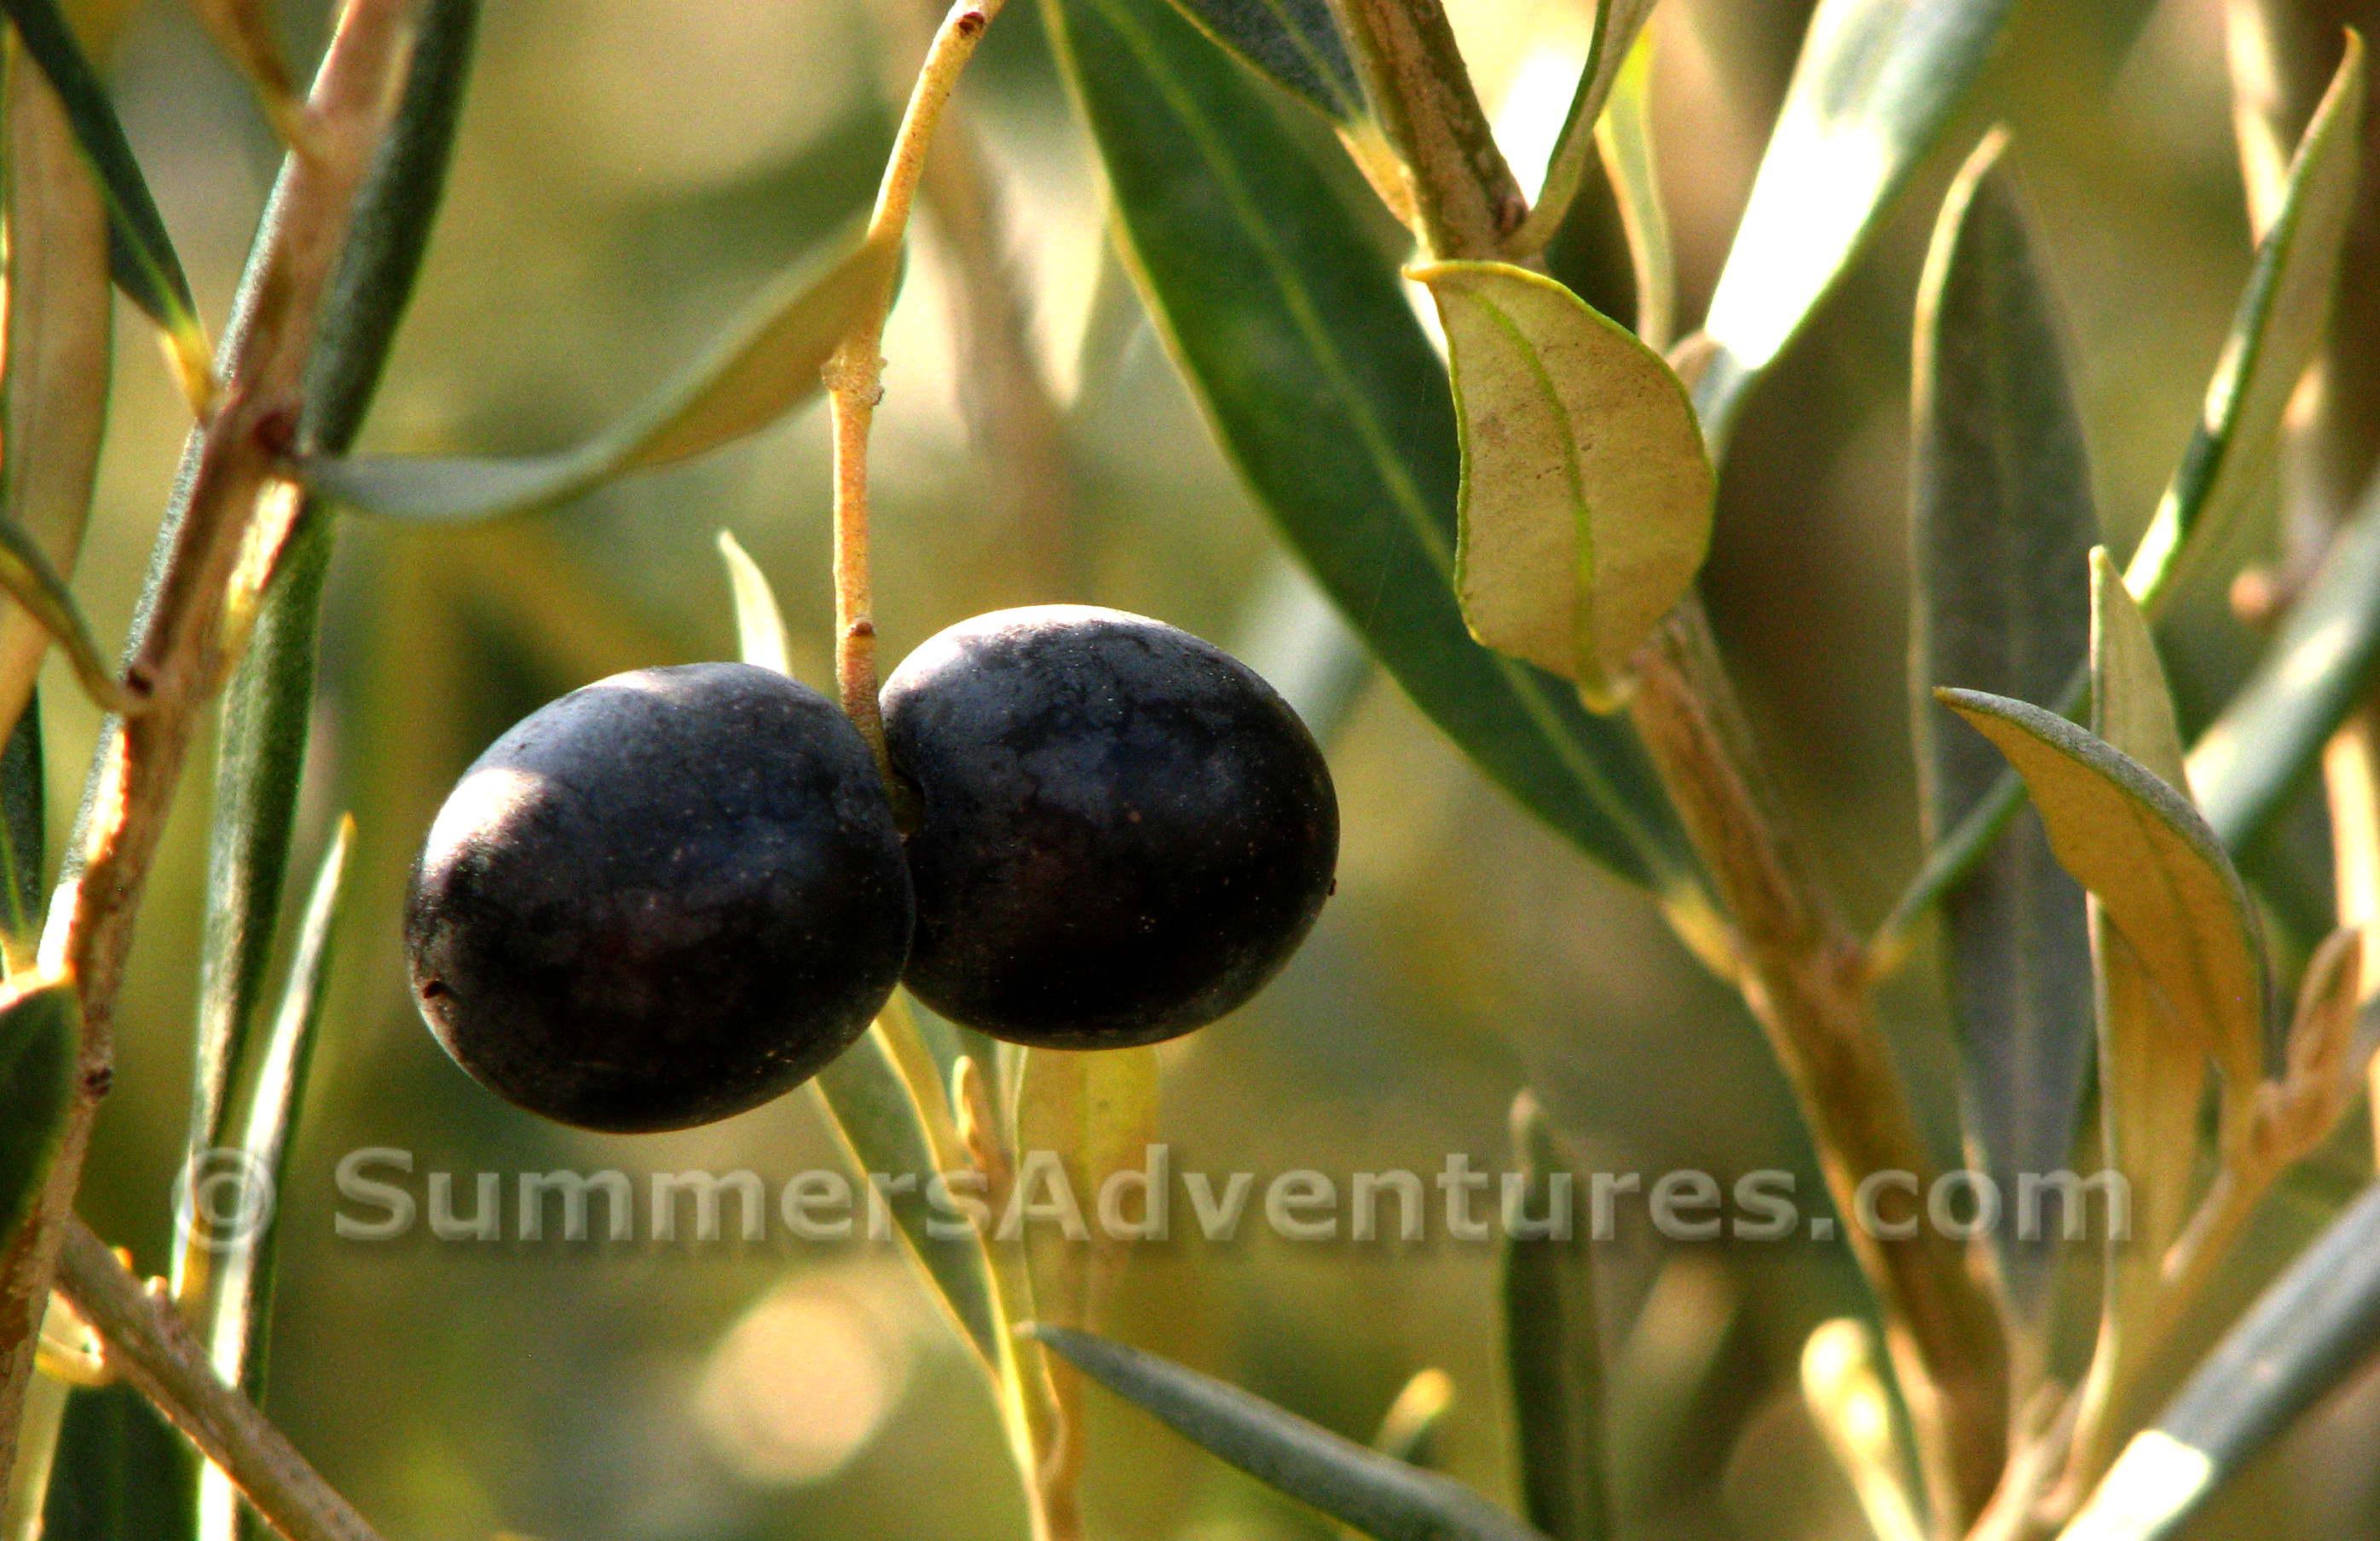 Olive Harvesting in Spain